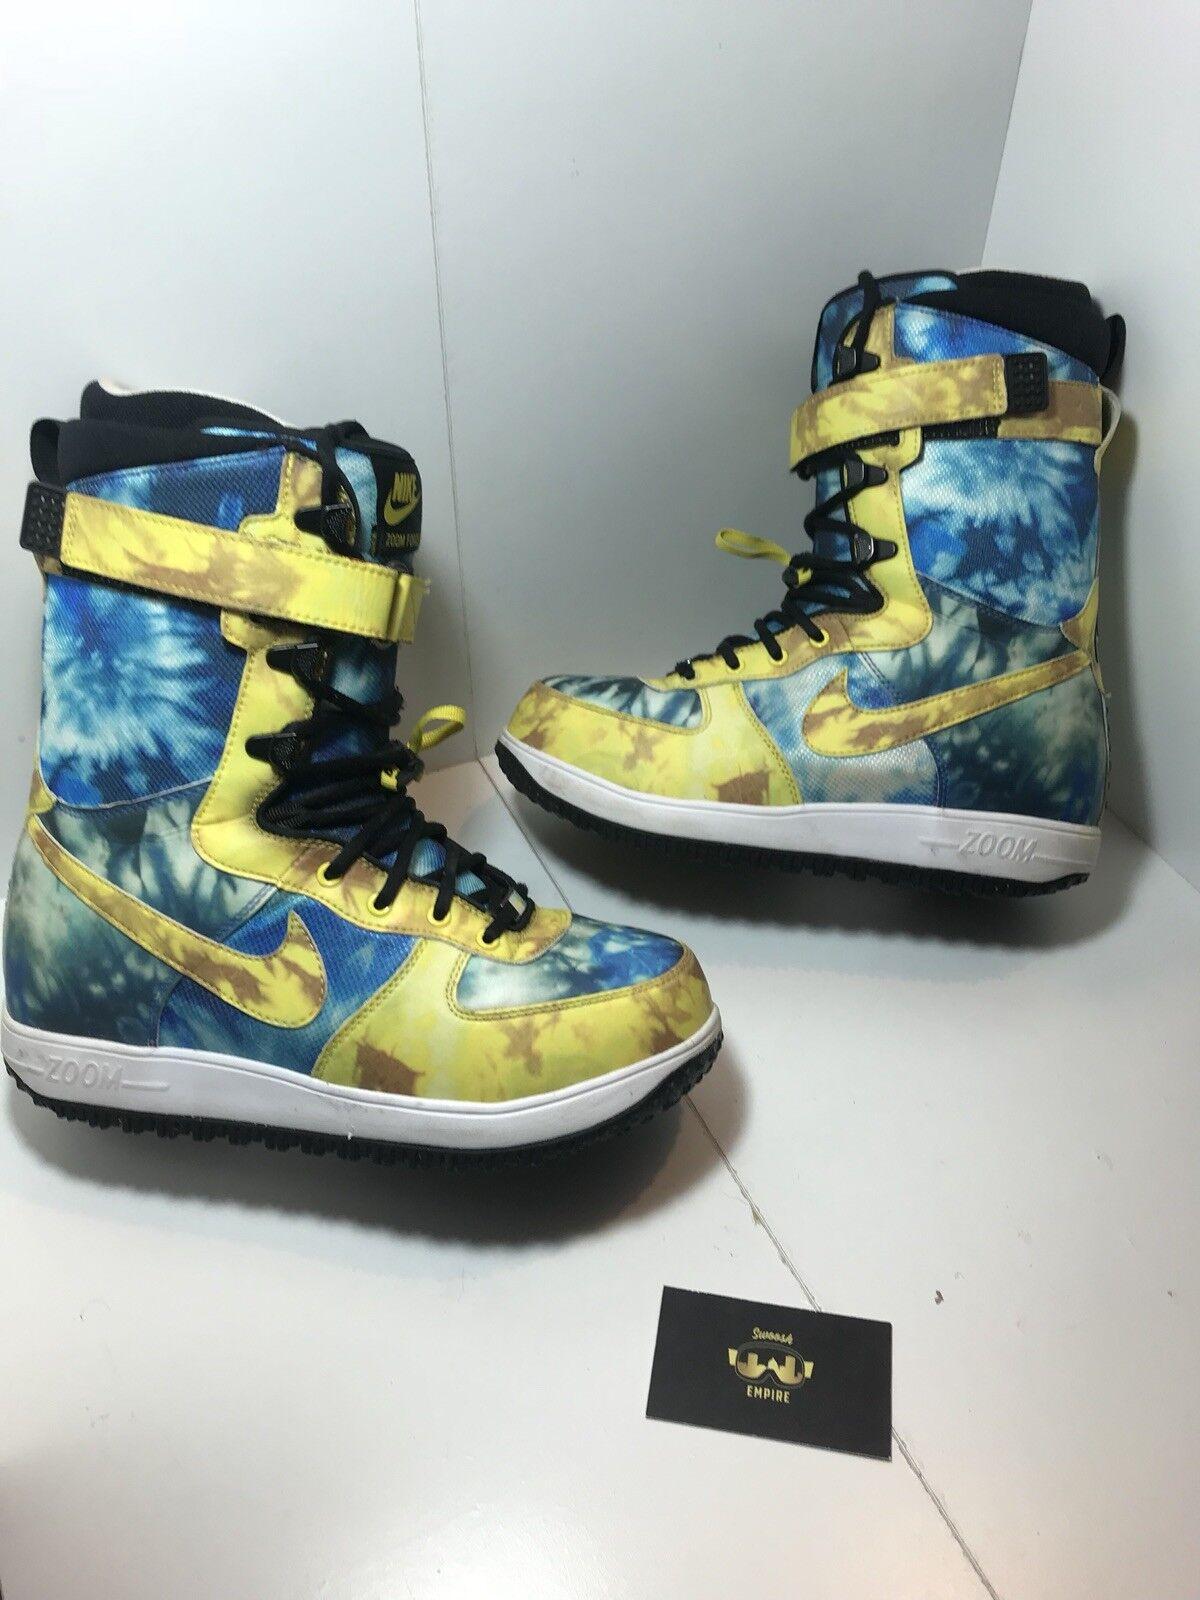 Nike zoom force force force 1 zf1 snowboard - stiefel 334841-271 größe 8 us - krawatte farbstoff selten b70b65